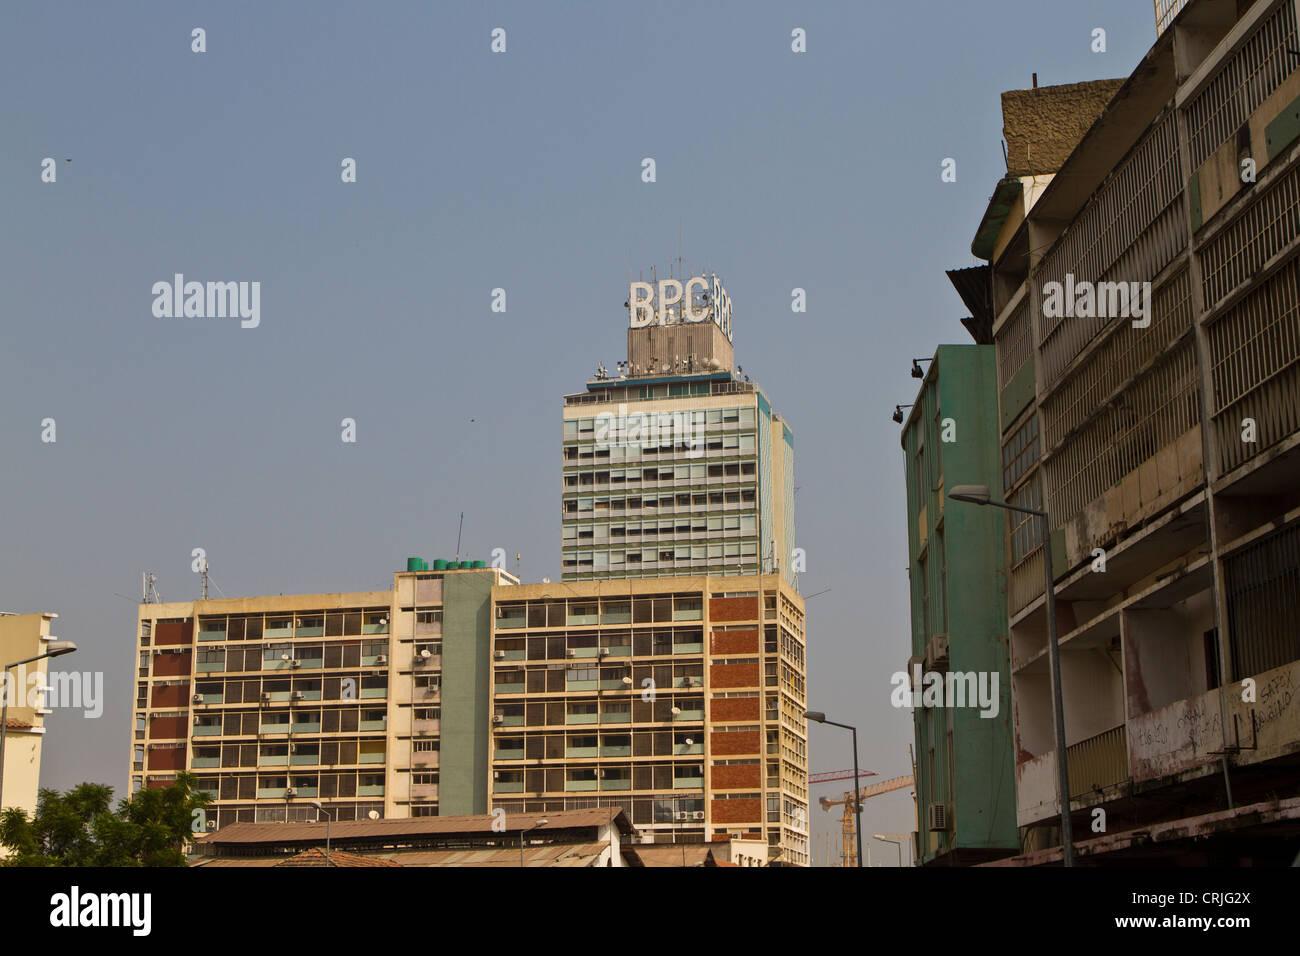 Buildings in Luanda Angola - Stock Image